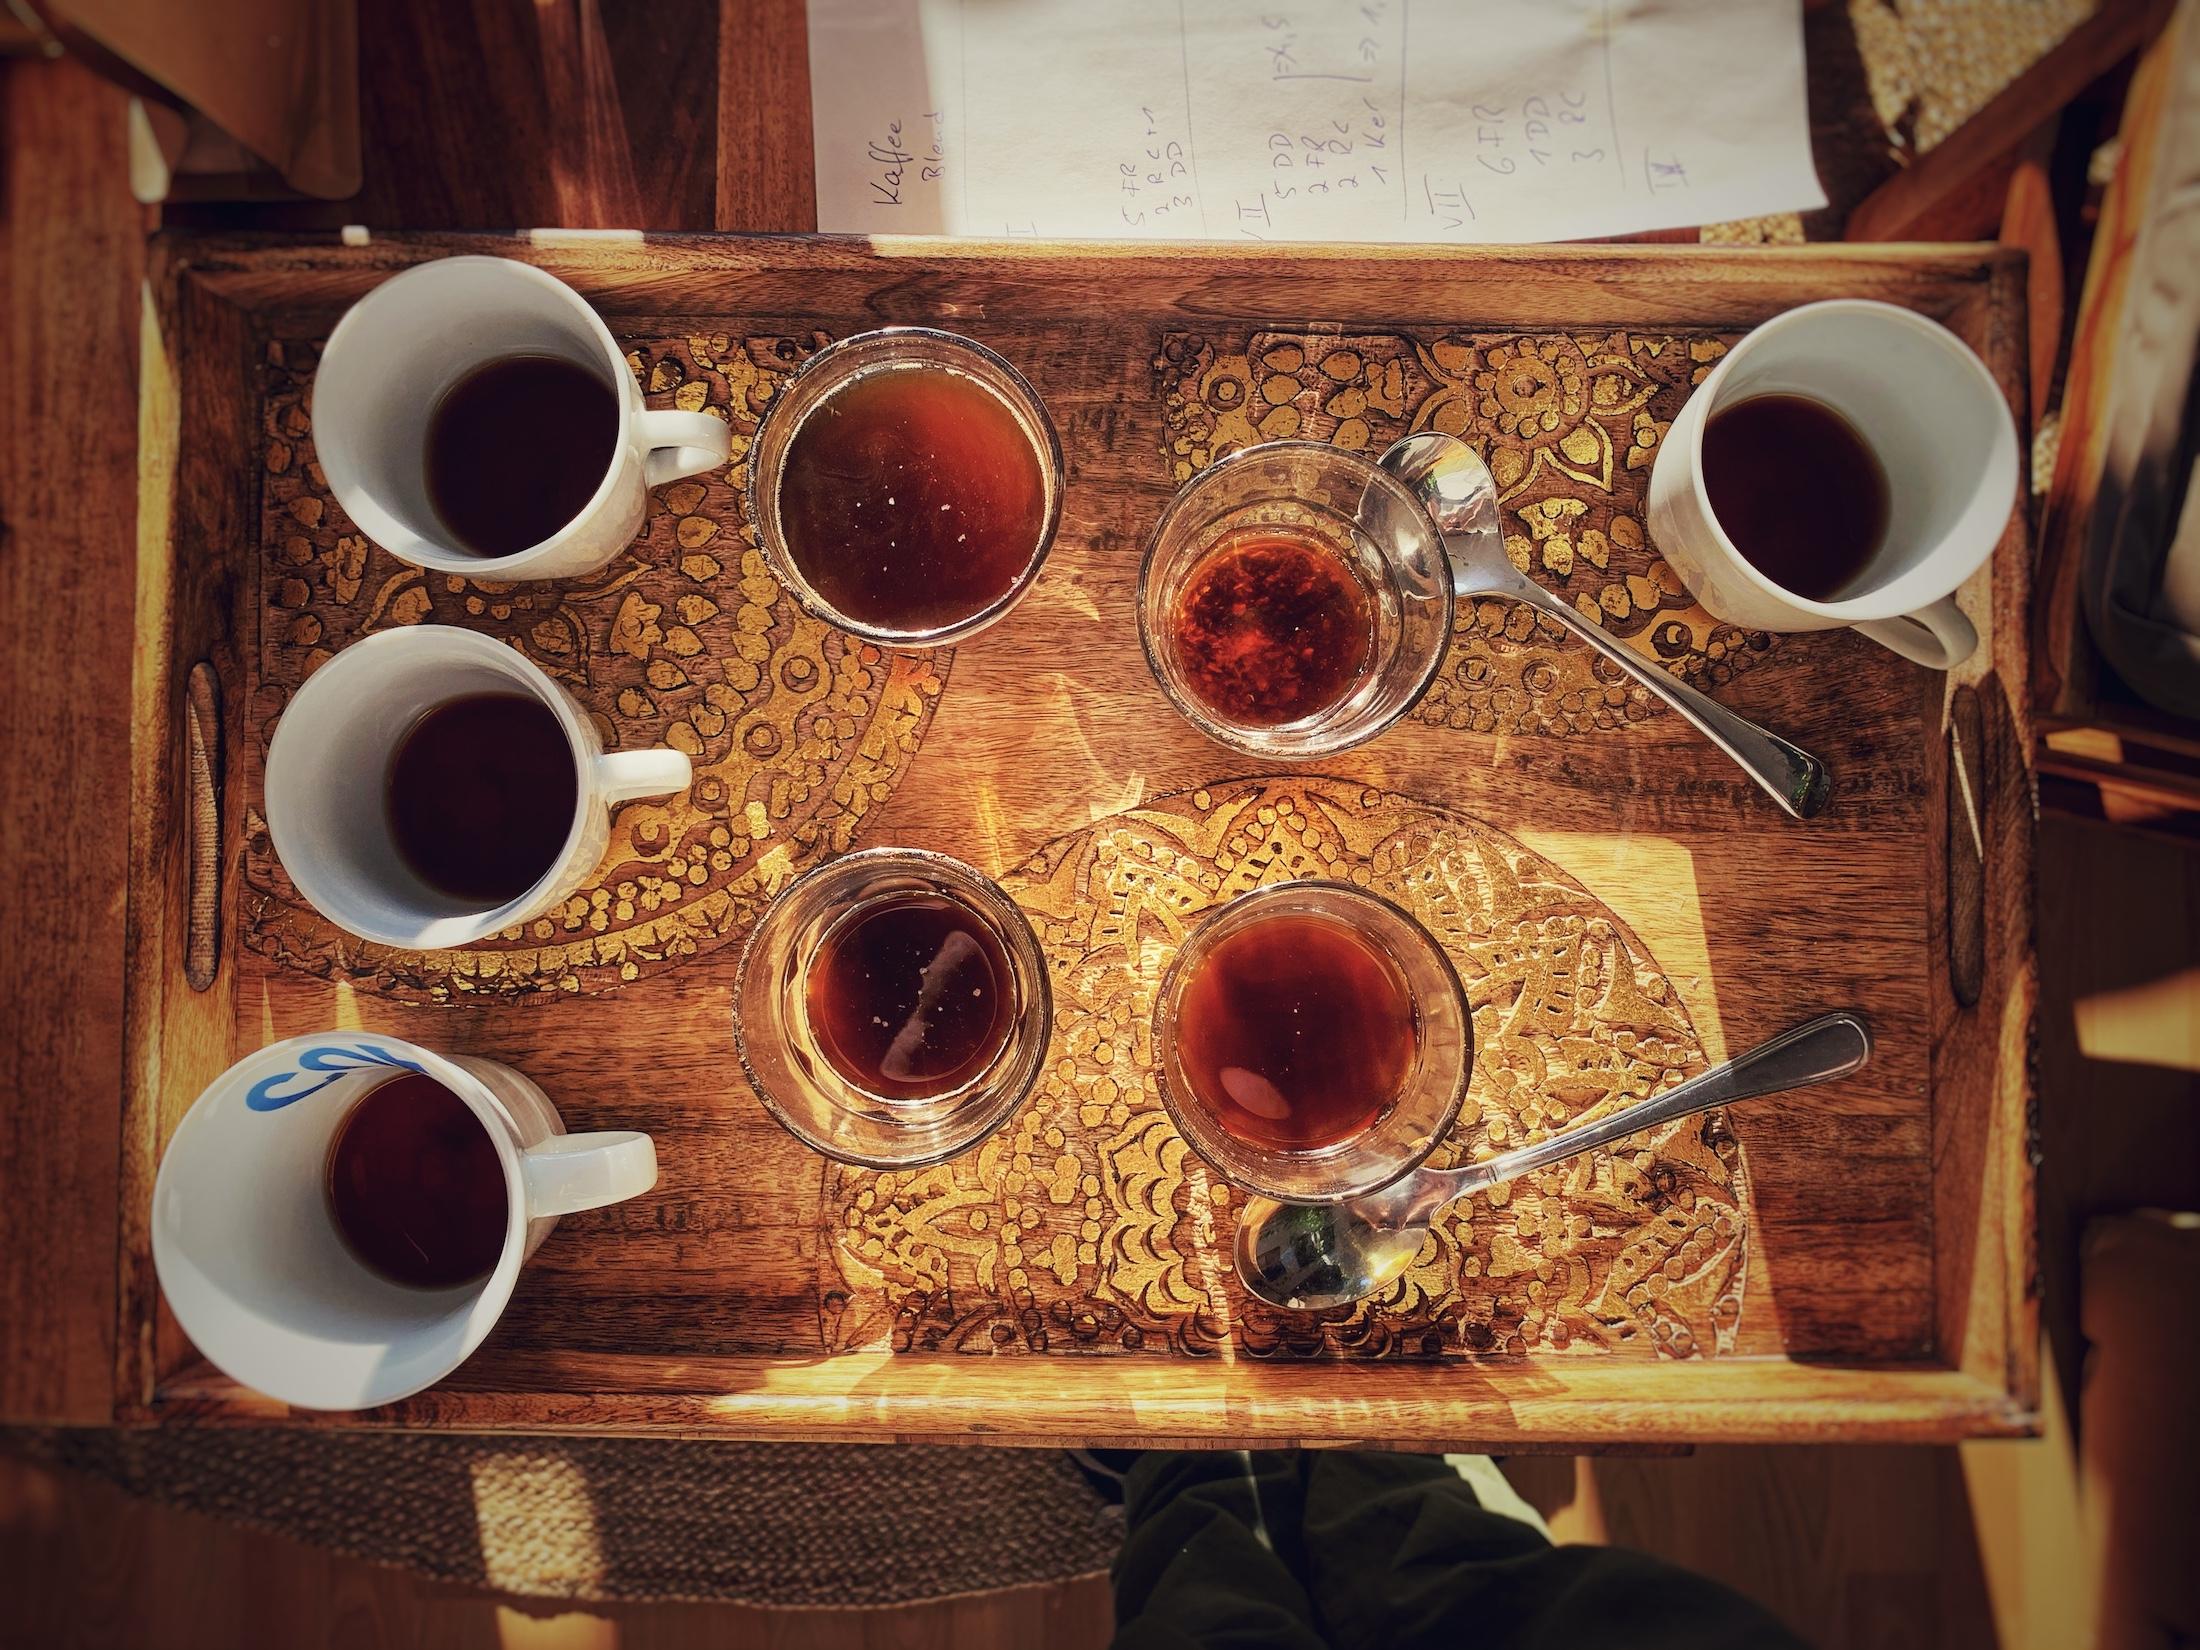 Auch zuhause kann man Kaffee verkosten. Das Vergleichende trinken ist förderlich für den eigenen Kaffeegenuss. Aus der Vogelperspektive sieht man hier ein Holztablet mit goldenen Verziehrungen. Darauf stehen unterschiedliche Gläser und Tassen gefüllt mit schwarzem Filterkaffee, sowie einige Cuppinglöffel.